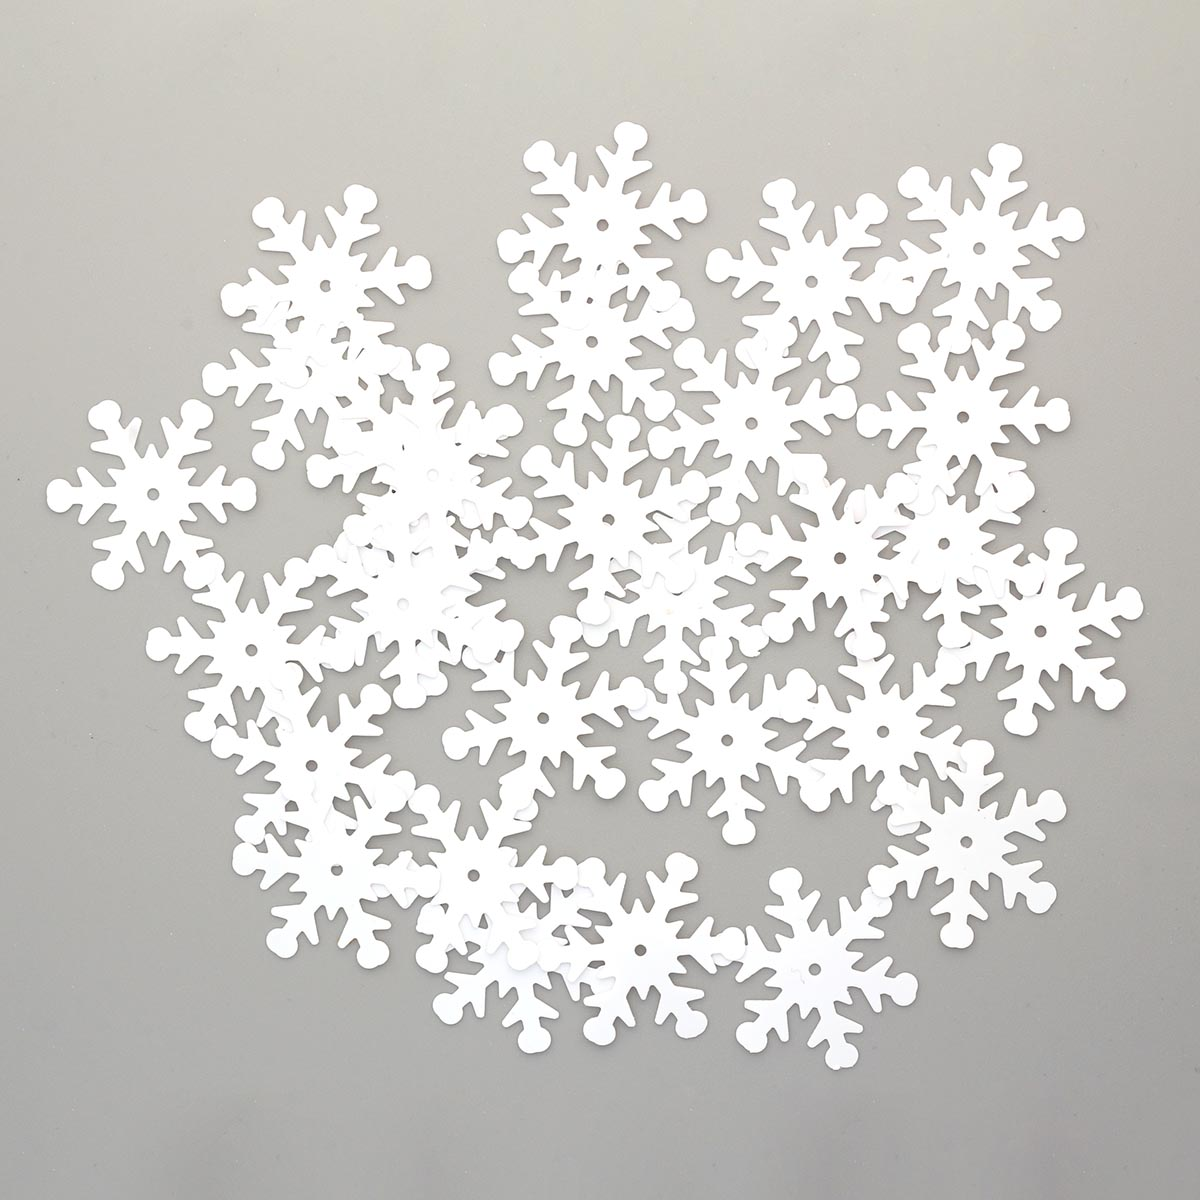 Пайетки 'снежинки', 24 мм, упак./10 гр., 'Астра' (L010 белый матовый) фото